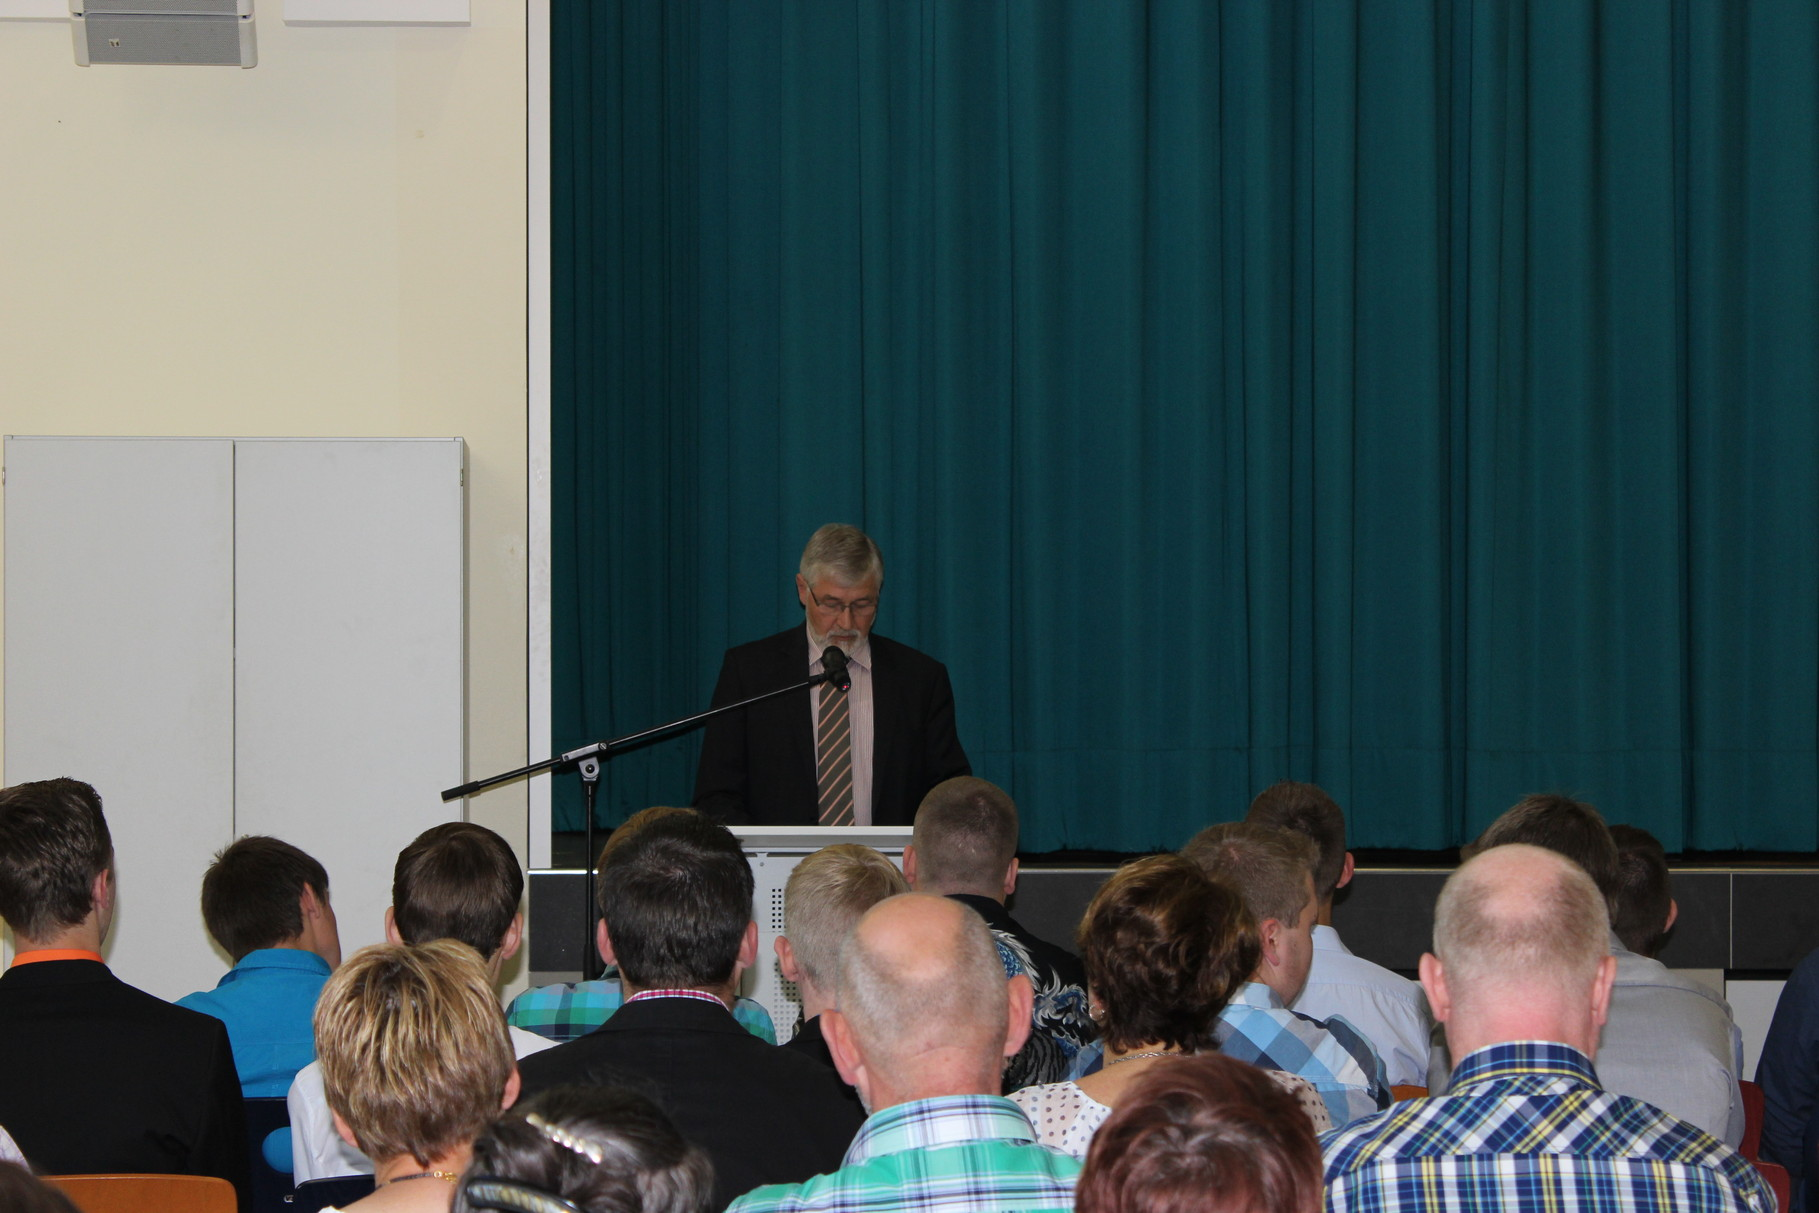 Samtgemeindebürgermeister Werner Gerdes überbringt Glückwünsche